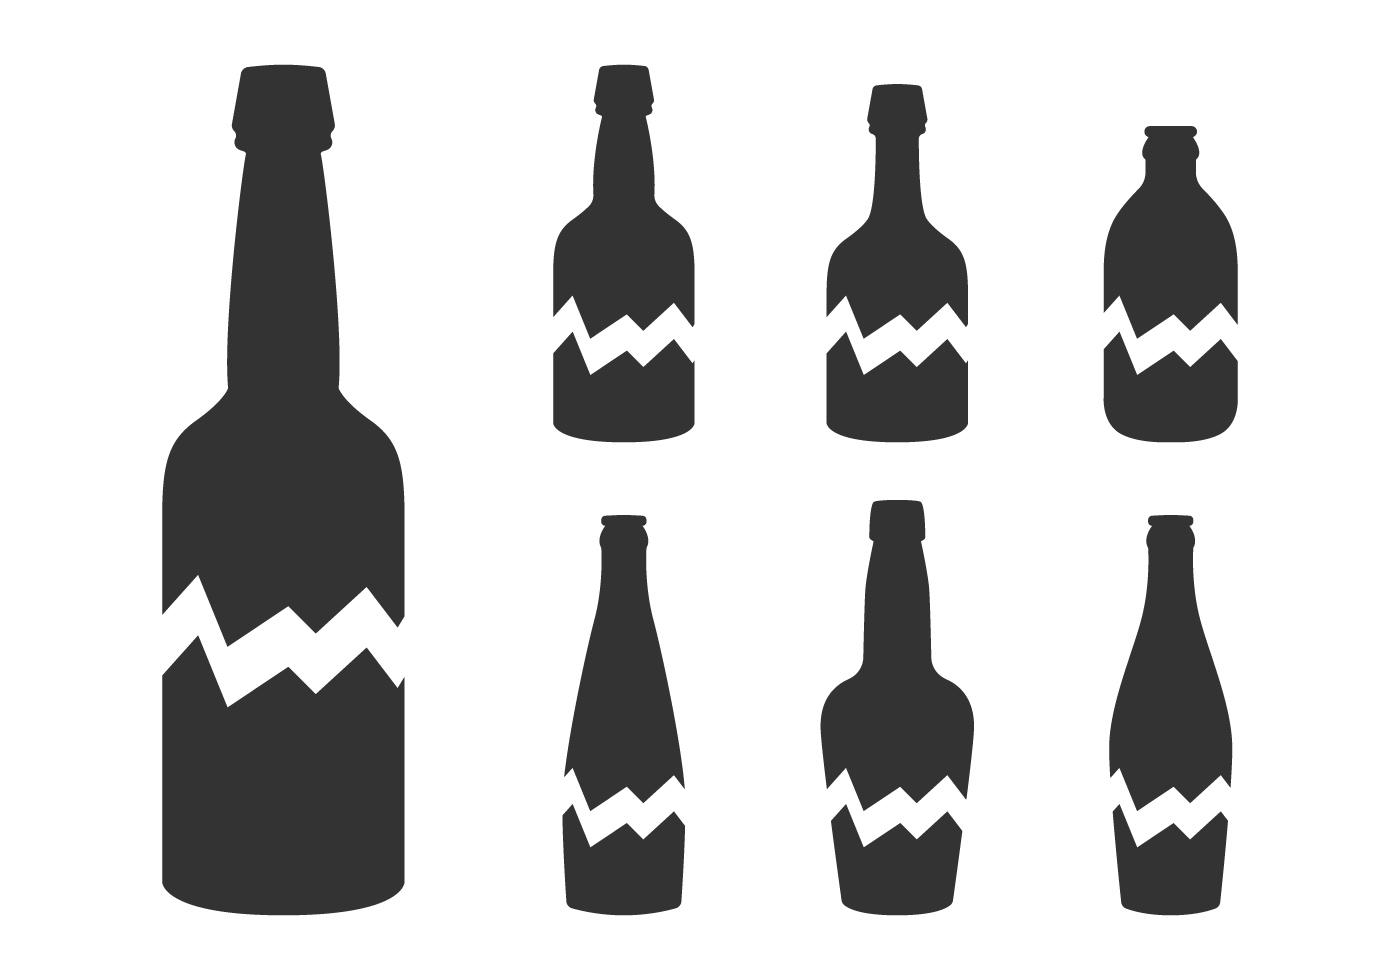 Broken Bottle Silhouette Download Free Vectors Clipart